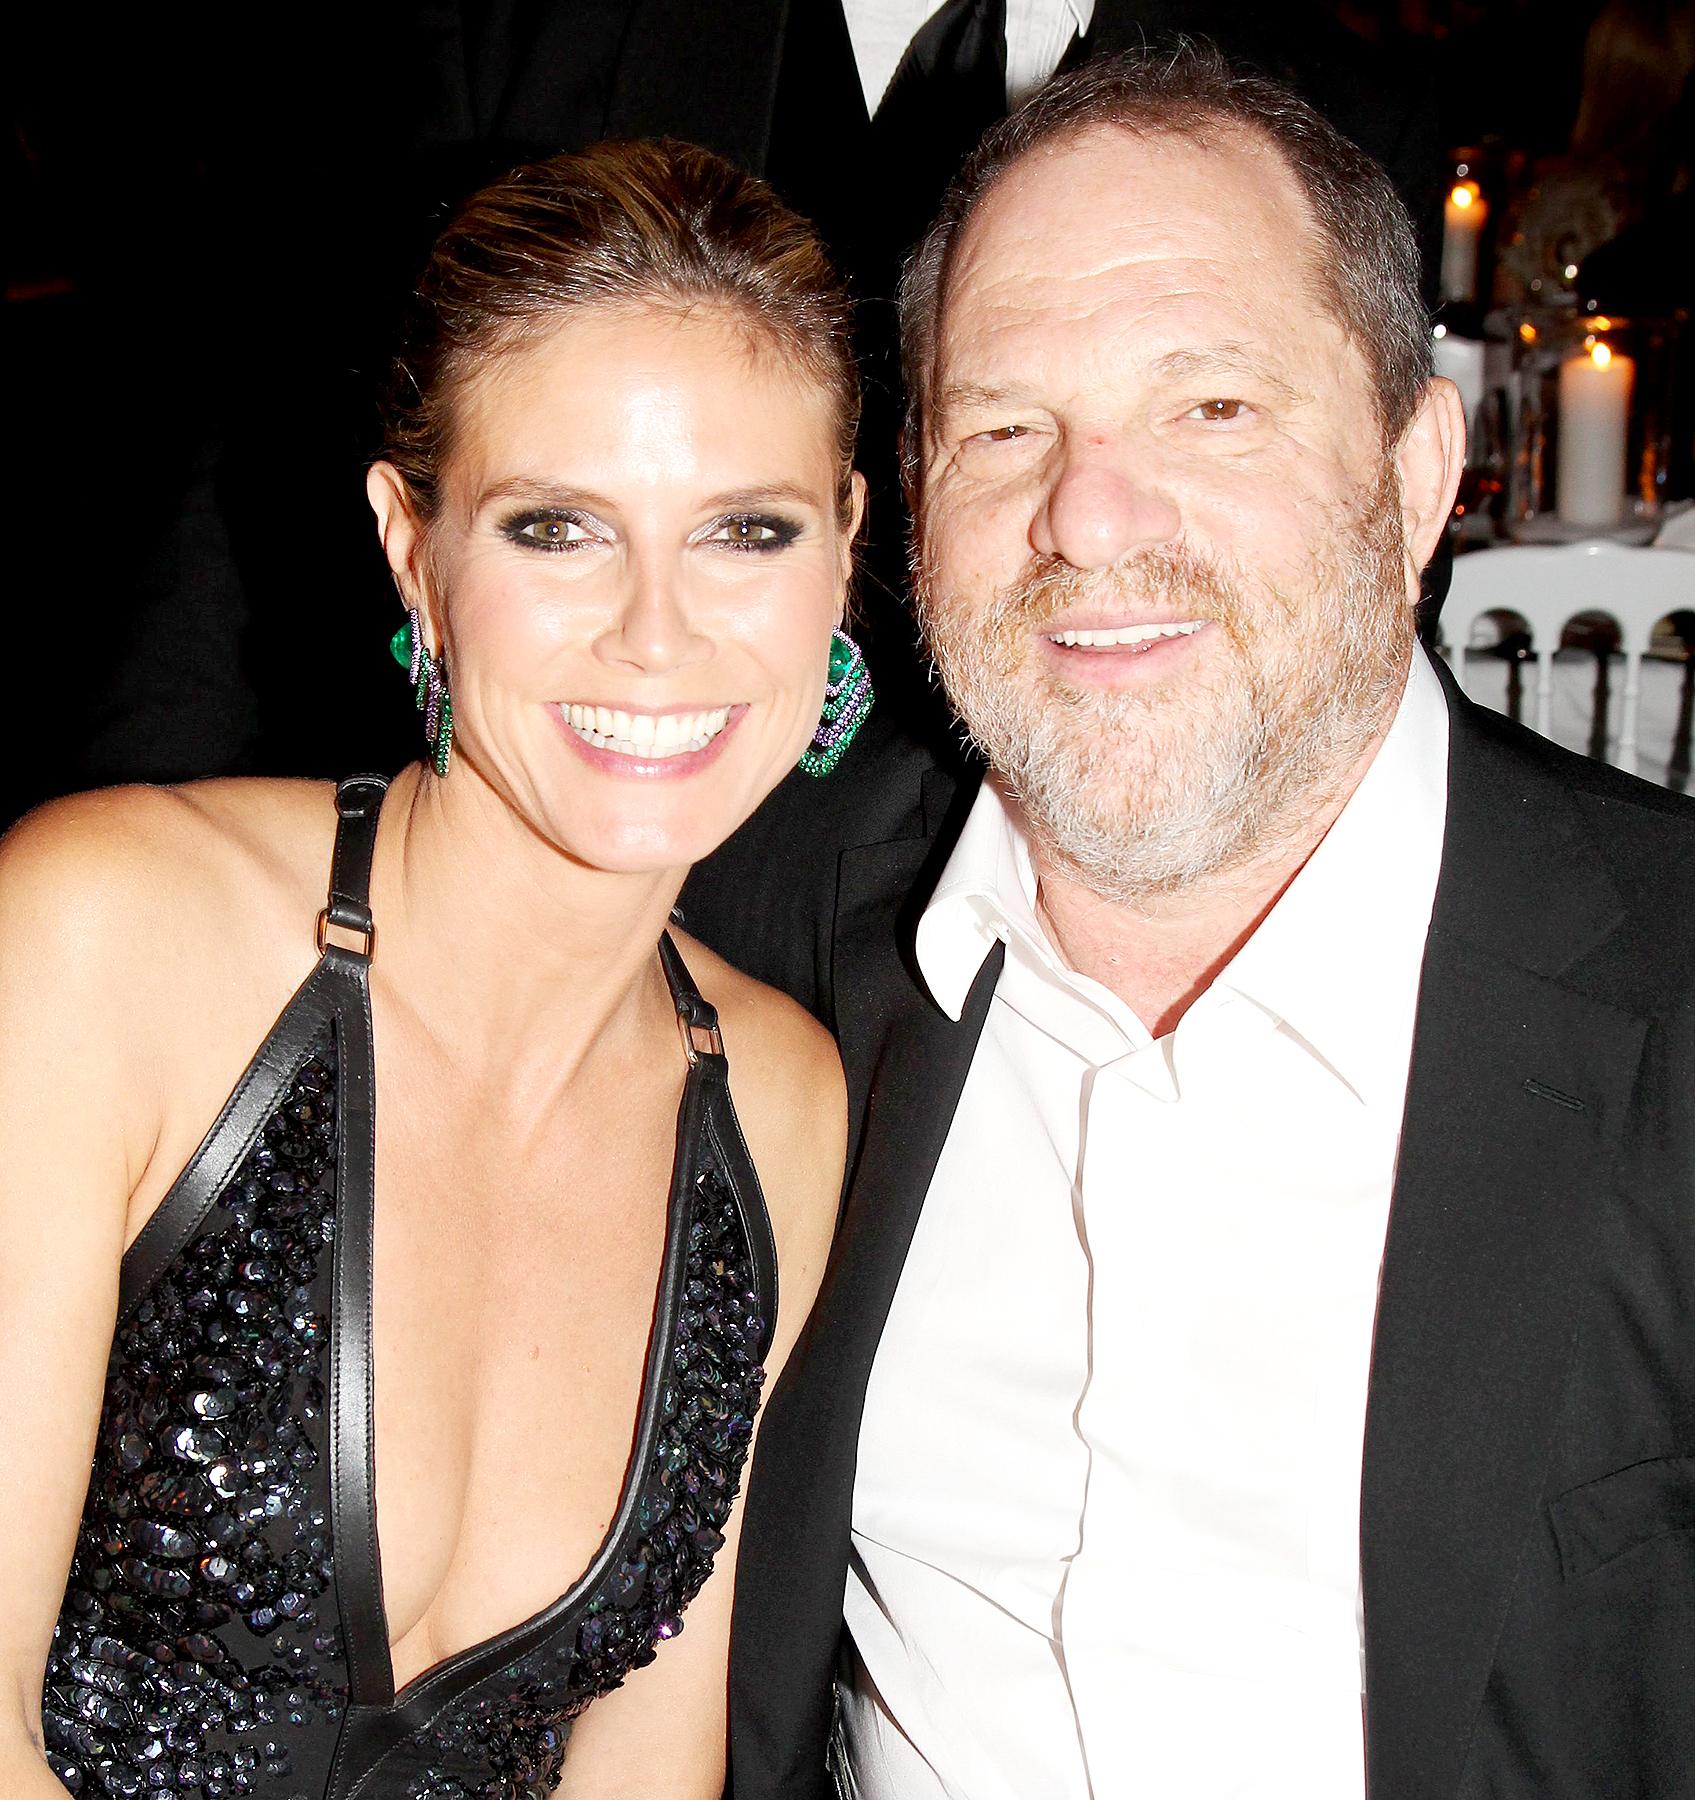 Heidi Klum and Harvey Weinstein attend de Grisogono Glam Extravaganza at Hotel Du Cap Eden-Roc in Cap D'Antibes, France, on May 23, 2012.